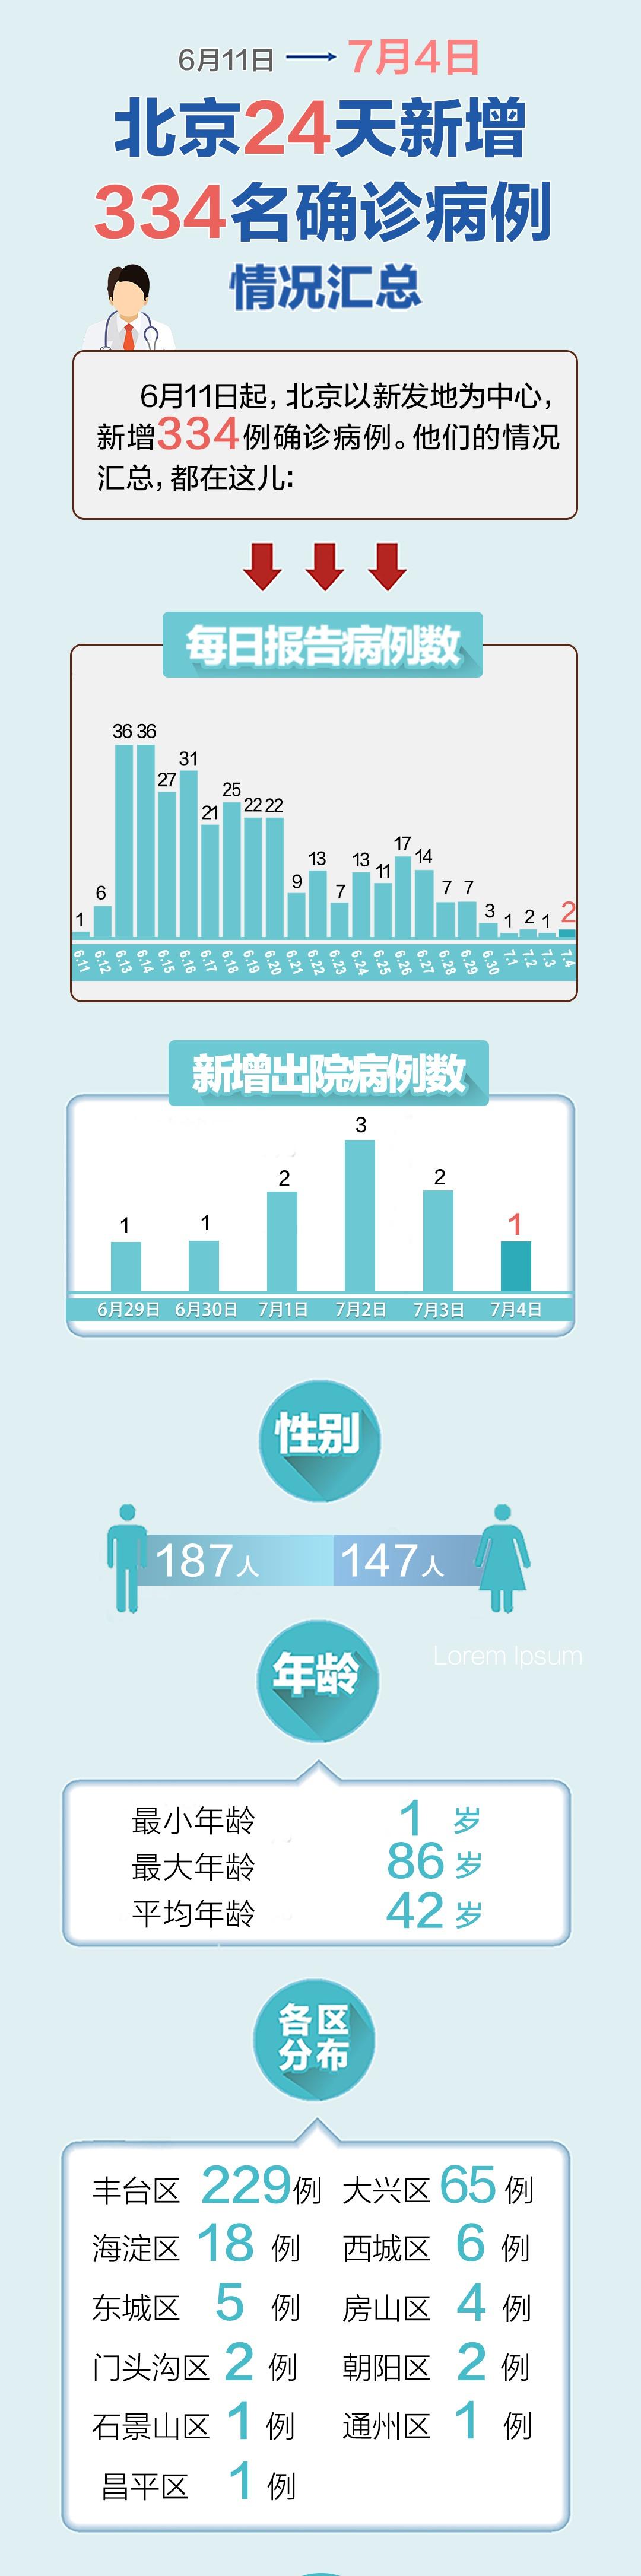 一图尽览:北京334例确诊病例情况汇总 涉及这些地点图片